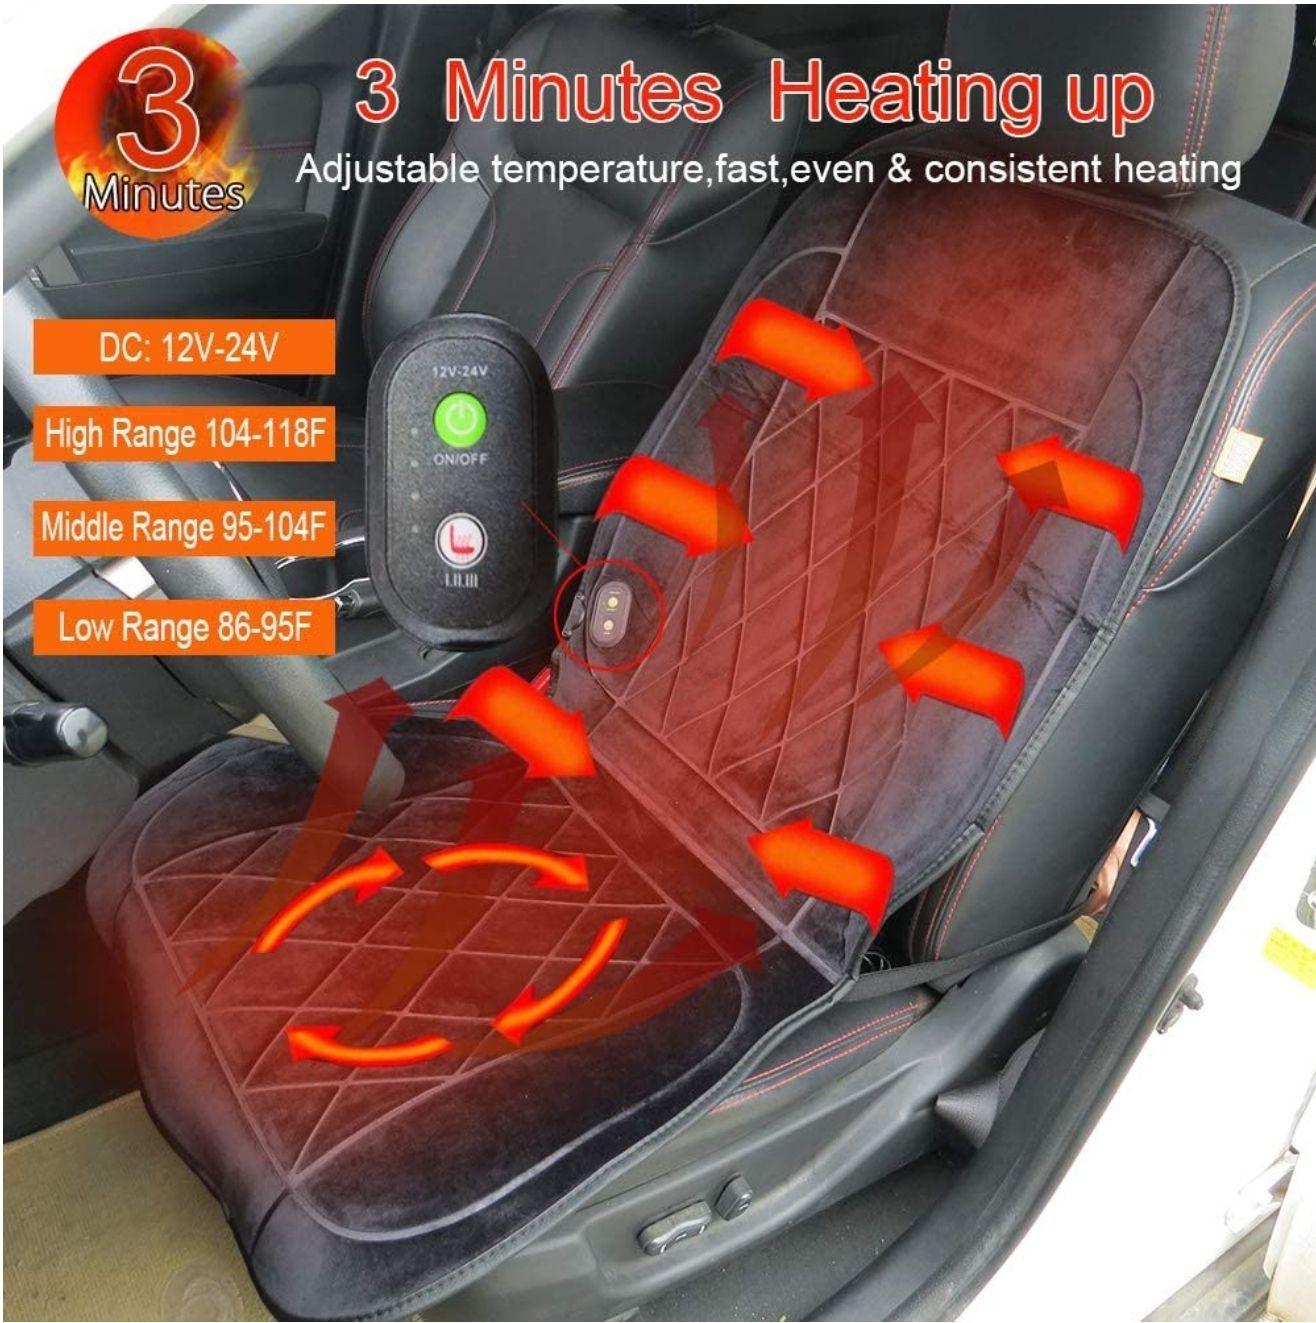 Calentador de asiento de coche con calefacción